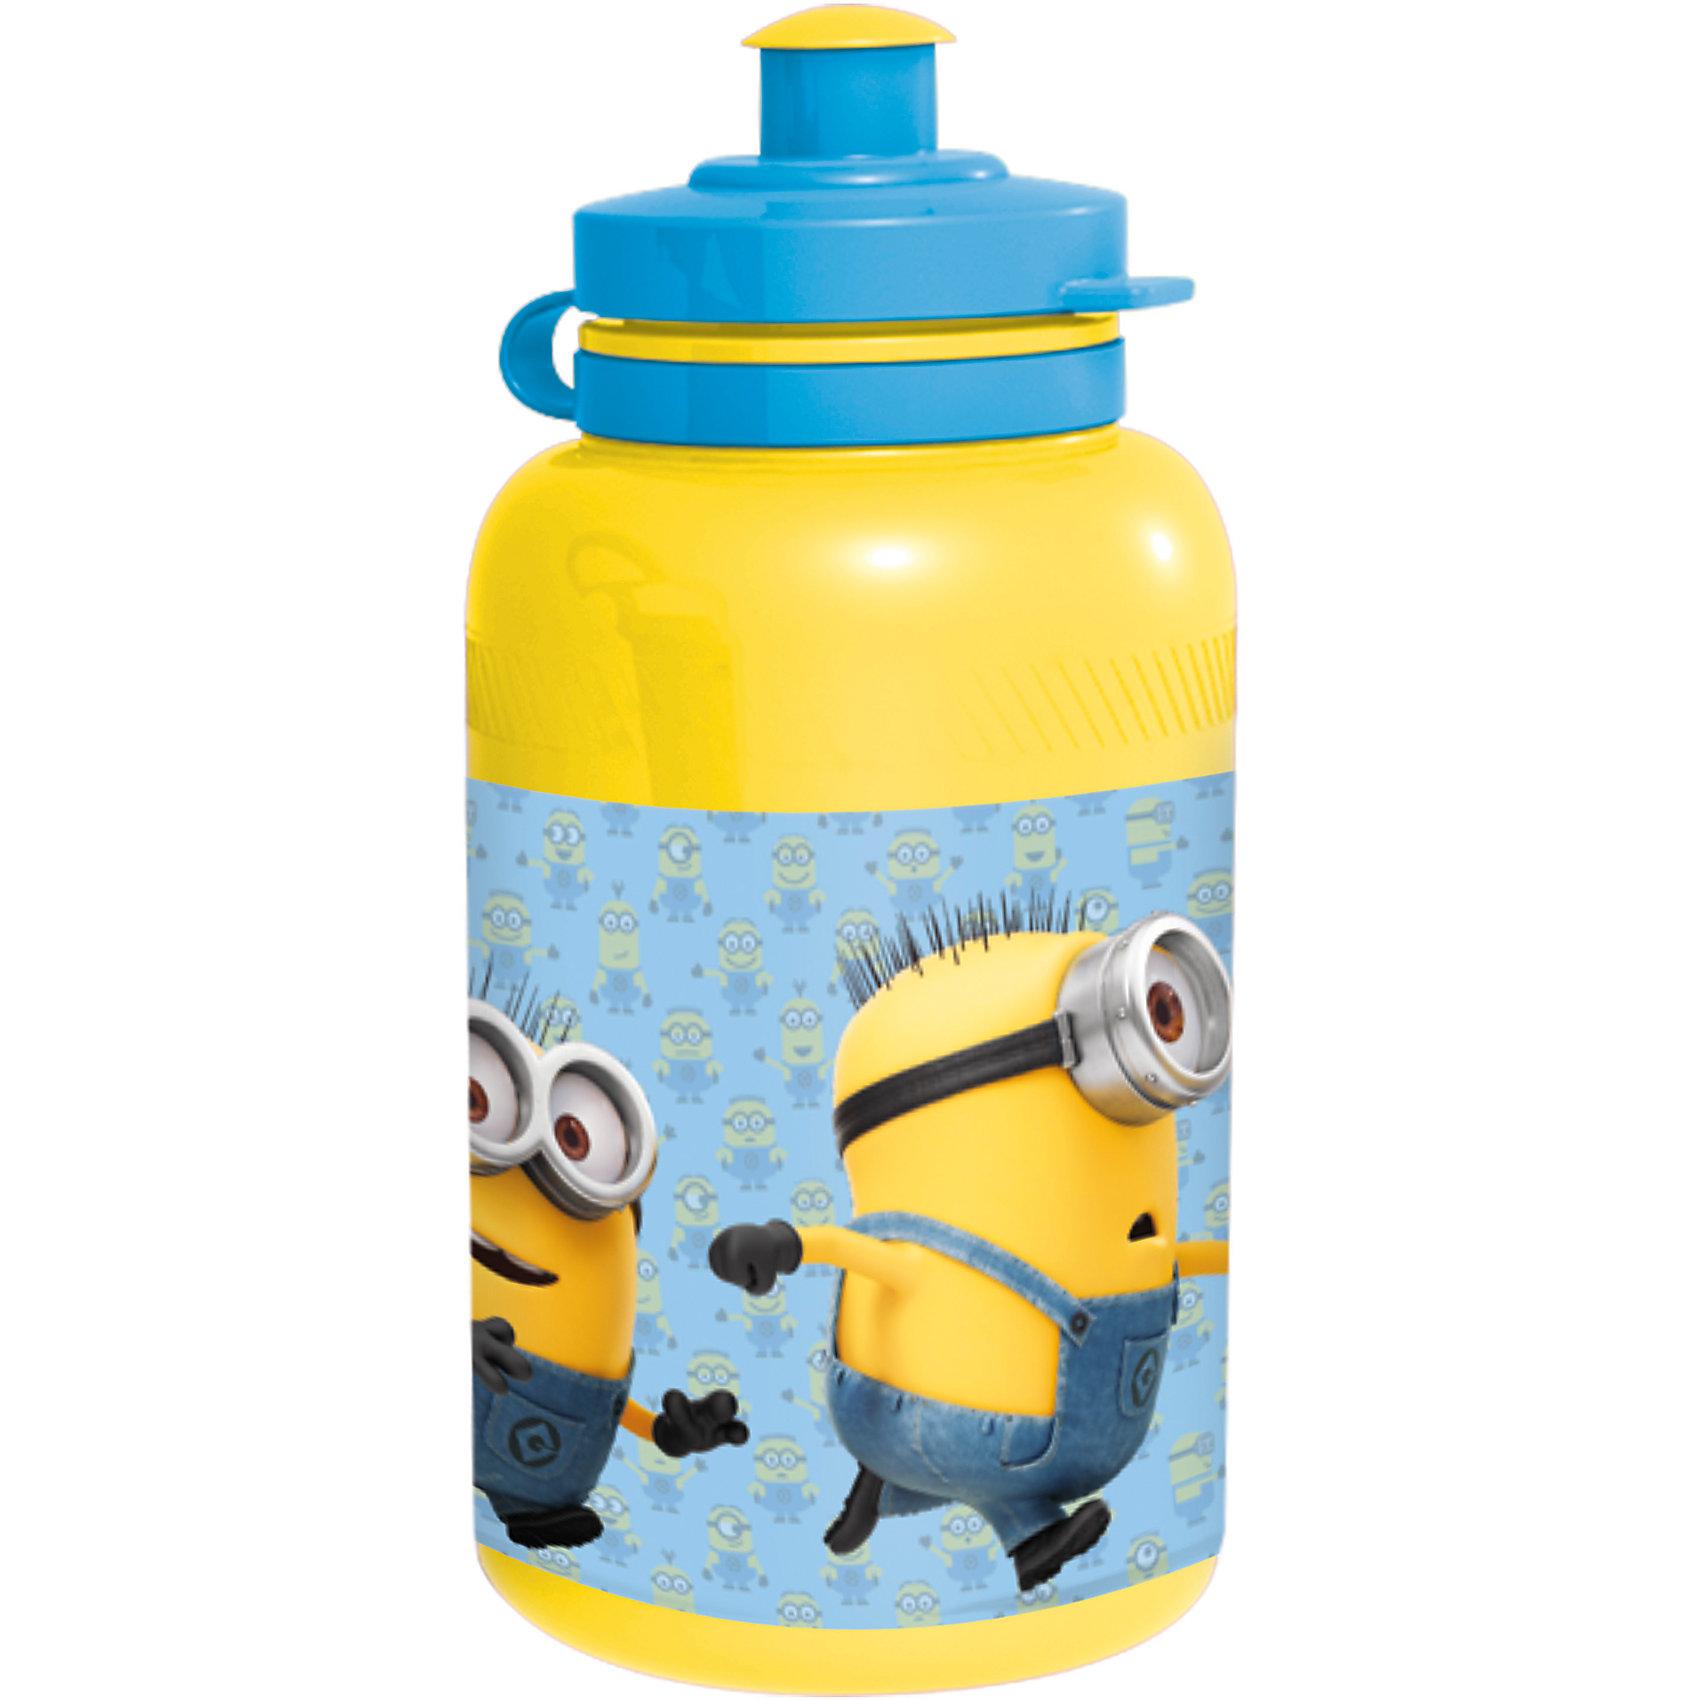 Бутылка пластиковая Миньоны 400 млДетская посуда<br>Характеристики товара:<br><br>• материал: пластик<br>• украшена рисунком<br>• размер: 6,5х6,5х15 см<br>• вес: 40 г<br>• объем: 400 мл<br>• страна бренда: Испания<br>• страна производства: Китай<br><br>Такая бутылка станет отличным подарком для ребенка! Она отличается тем, что на предмете изображены персонажи из мультфильма Миньоны. Есть или пить из предметов с любимым героем многих современных детей - всегда приятнее. Бутылочка очень удобна, объем оптимален для детей, сюда как раз вместится необходимый для одной тренировки объем воды. Плюс - изделие дополнено специальной крышкой. Использовать его можно и в школе, и на улице!<br>Бутылка выпущена в удобном формате, размер - универсальный. Изделие производится из качественных и проверенных материалов, которые безопасны для детей.<br><br>Бутылку пластиковую Миньоны 400 мл можно купить в нашем интернет-магазине.<br><br>Ширина мм: 65<br>Глубина мм: 65<br>Высота мм: 150<br>Вес г: 40<br>Возраст от месяцев: 36<br>Возраст до месяцев: 108<br>Пол: Унисекс<br>Возраст: Детский<br>SKU: 5282071